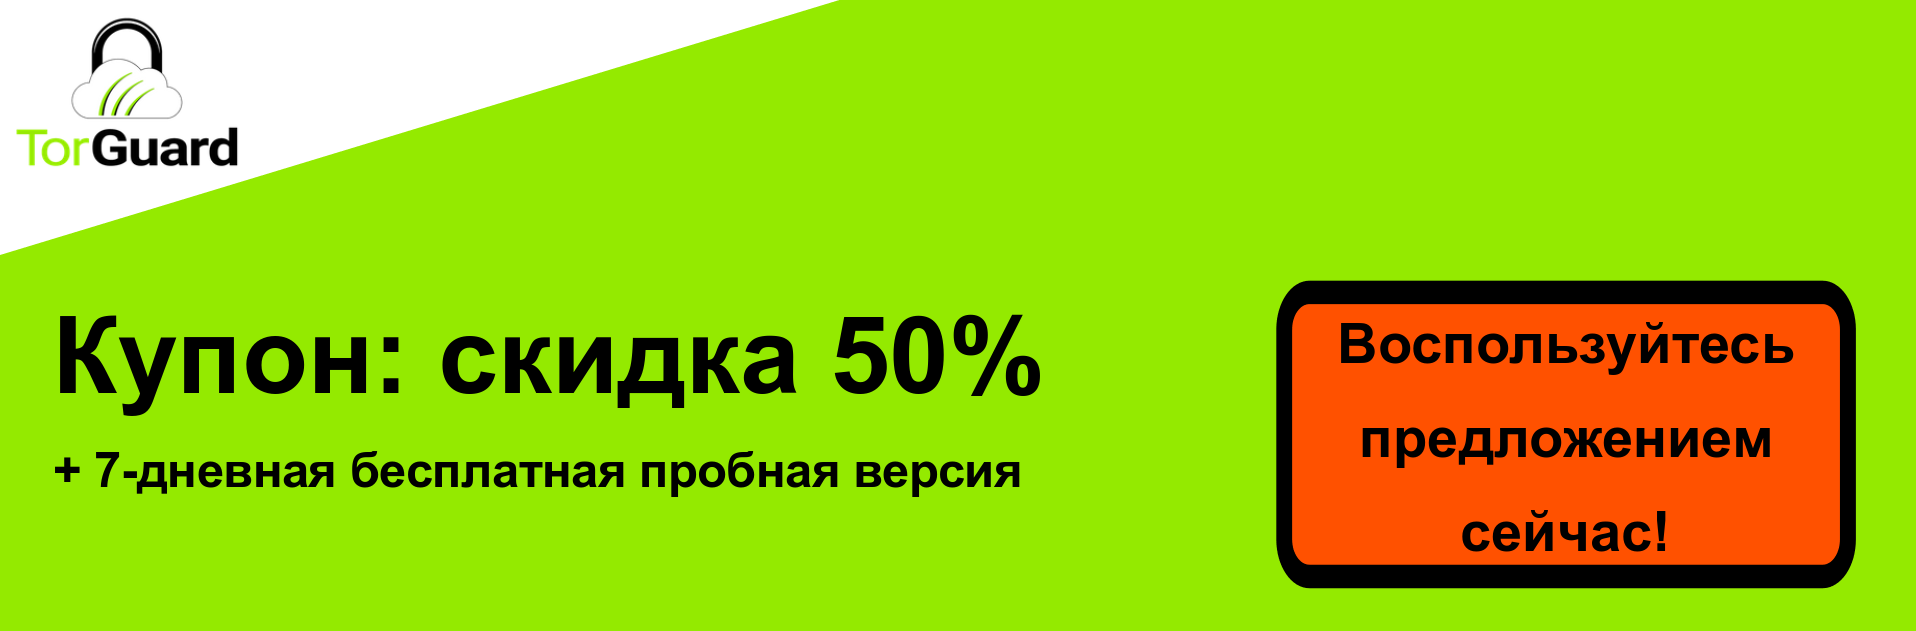 Баннер купона TorGuard VPN - скидка 50%